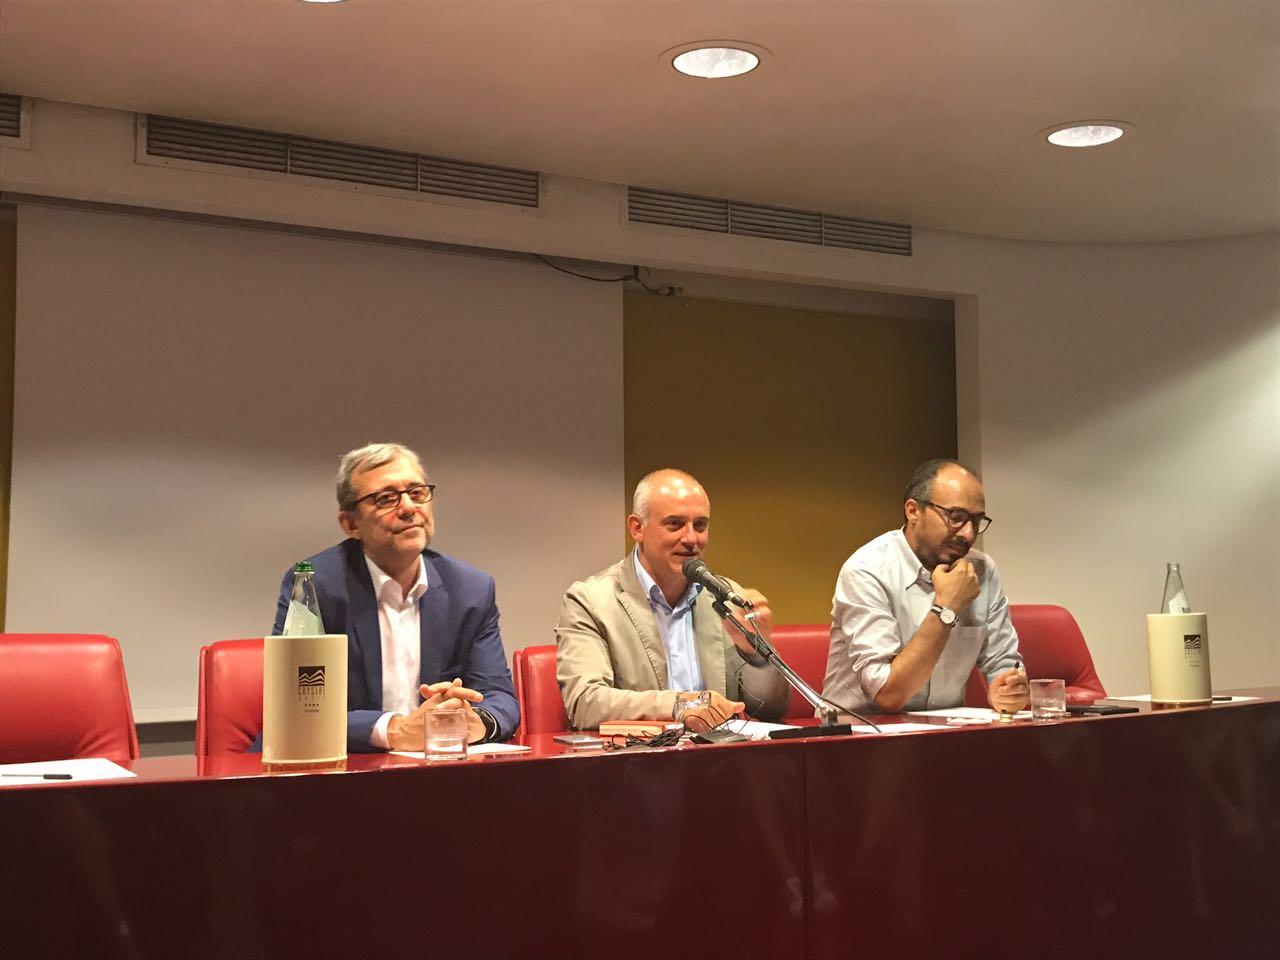 Savona sostenuto da Giachetti e Faraone crede nel superamento del quorum e apre alle altre forze politiche